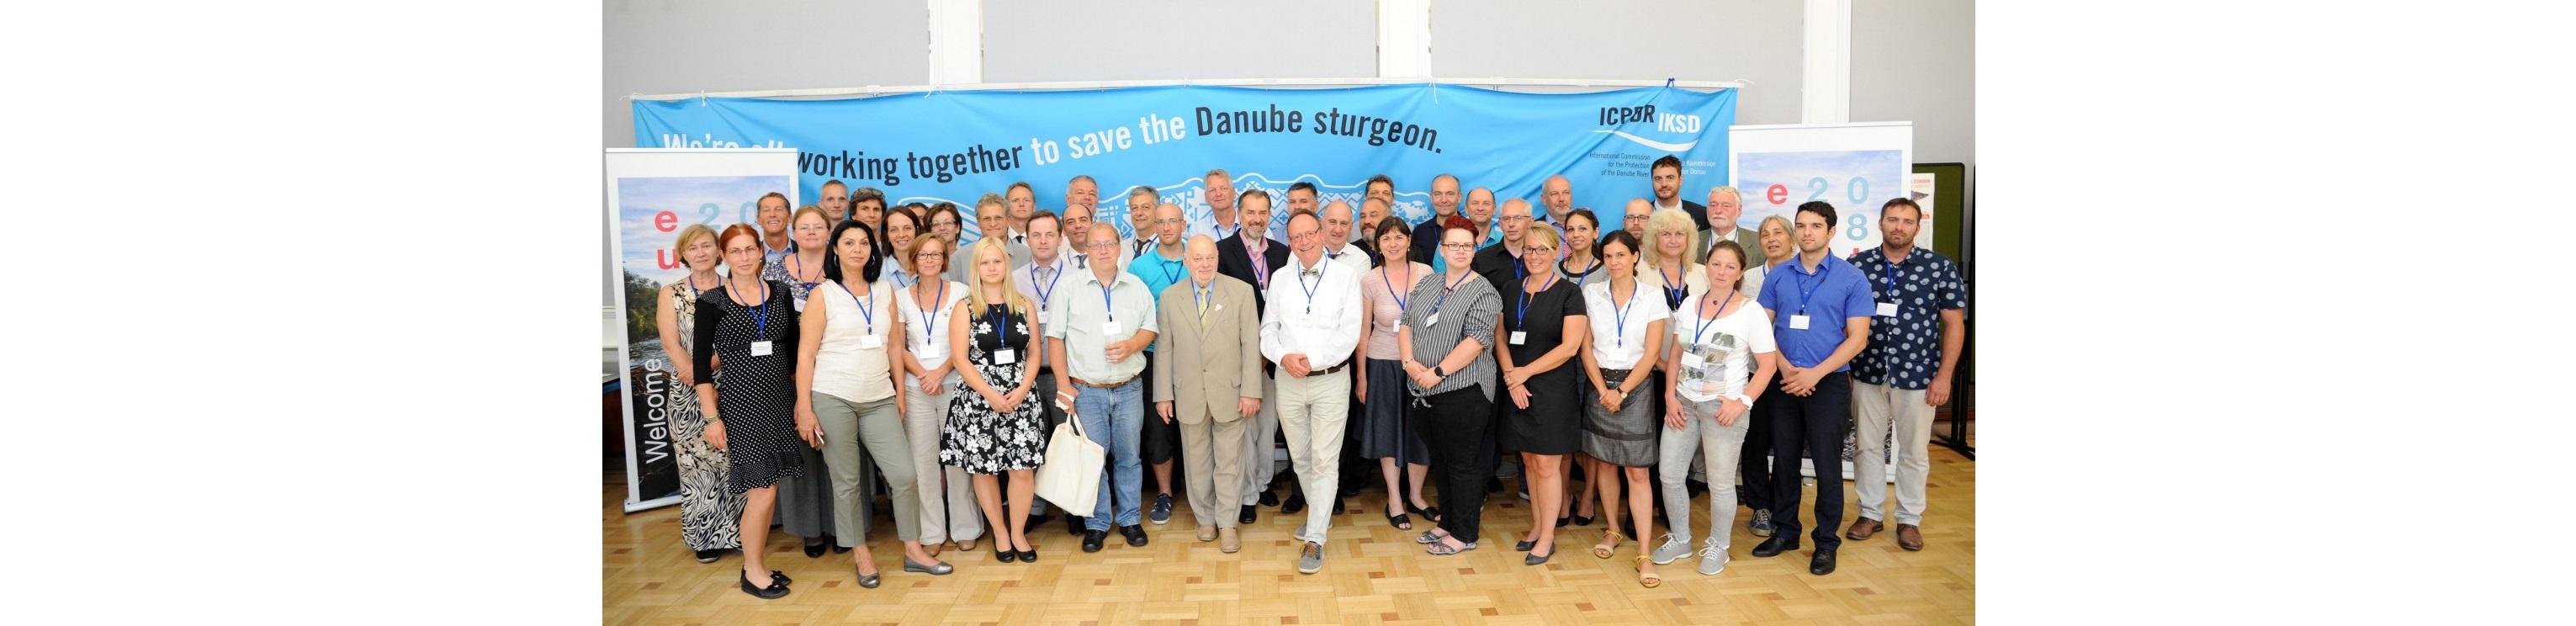 Осетрова конференція у Відні: щоб зберегти осетрів, потрібні зусилля всіх країн Європи